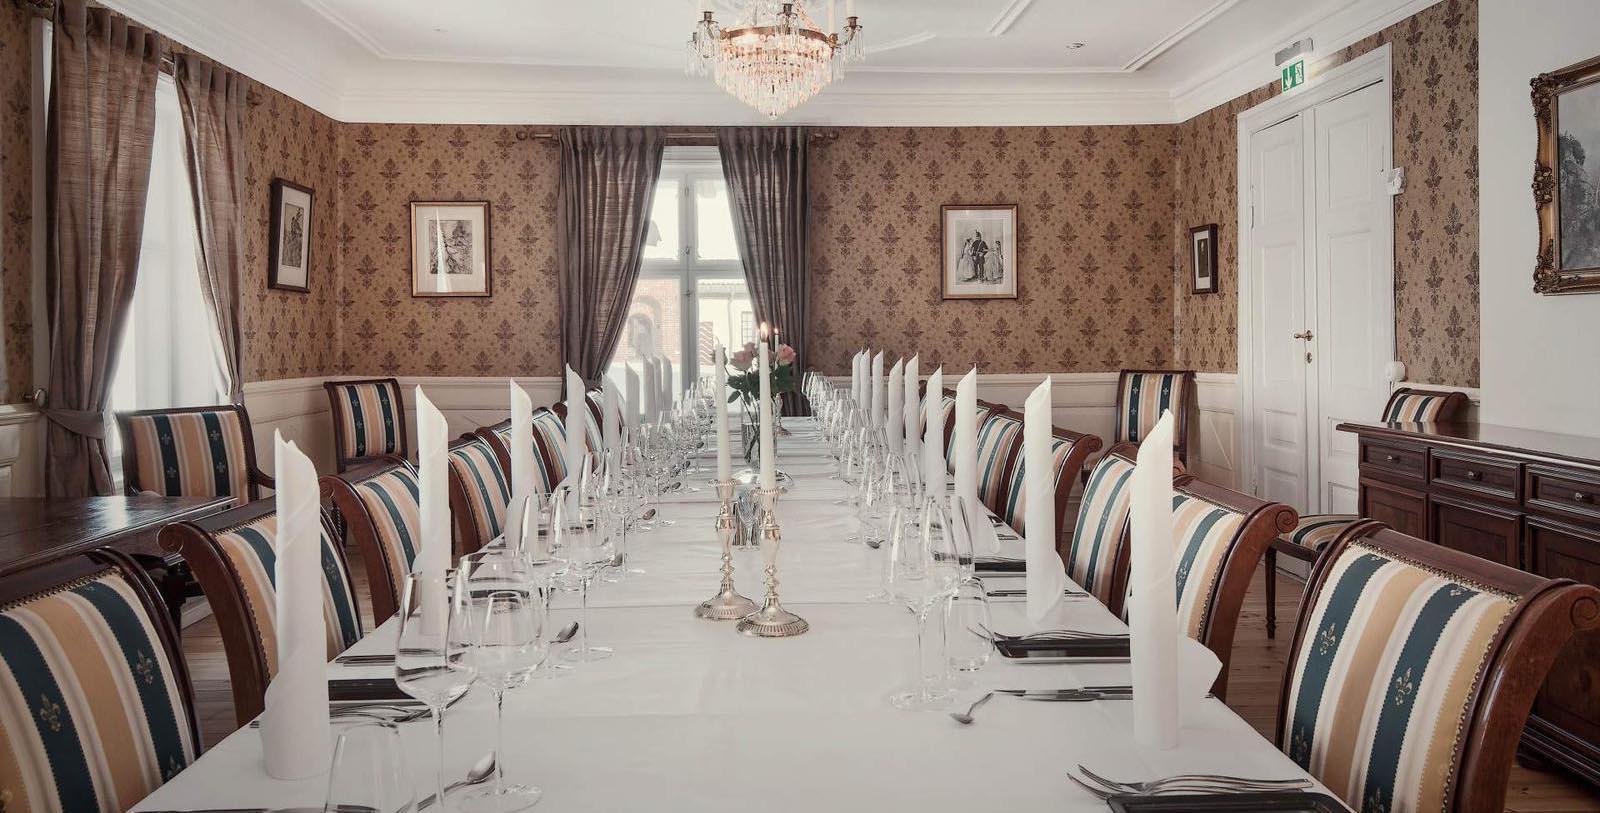 Image of Private Dining Room at Festningen Castle Hotel & Resort, 1673, Member of Historic Hotels Worldwide, in Kongsvinger, Norway, Taste